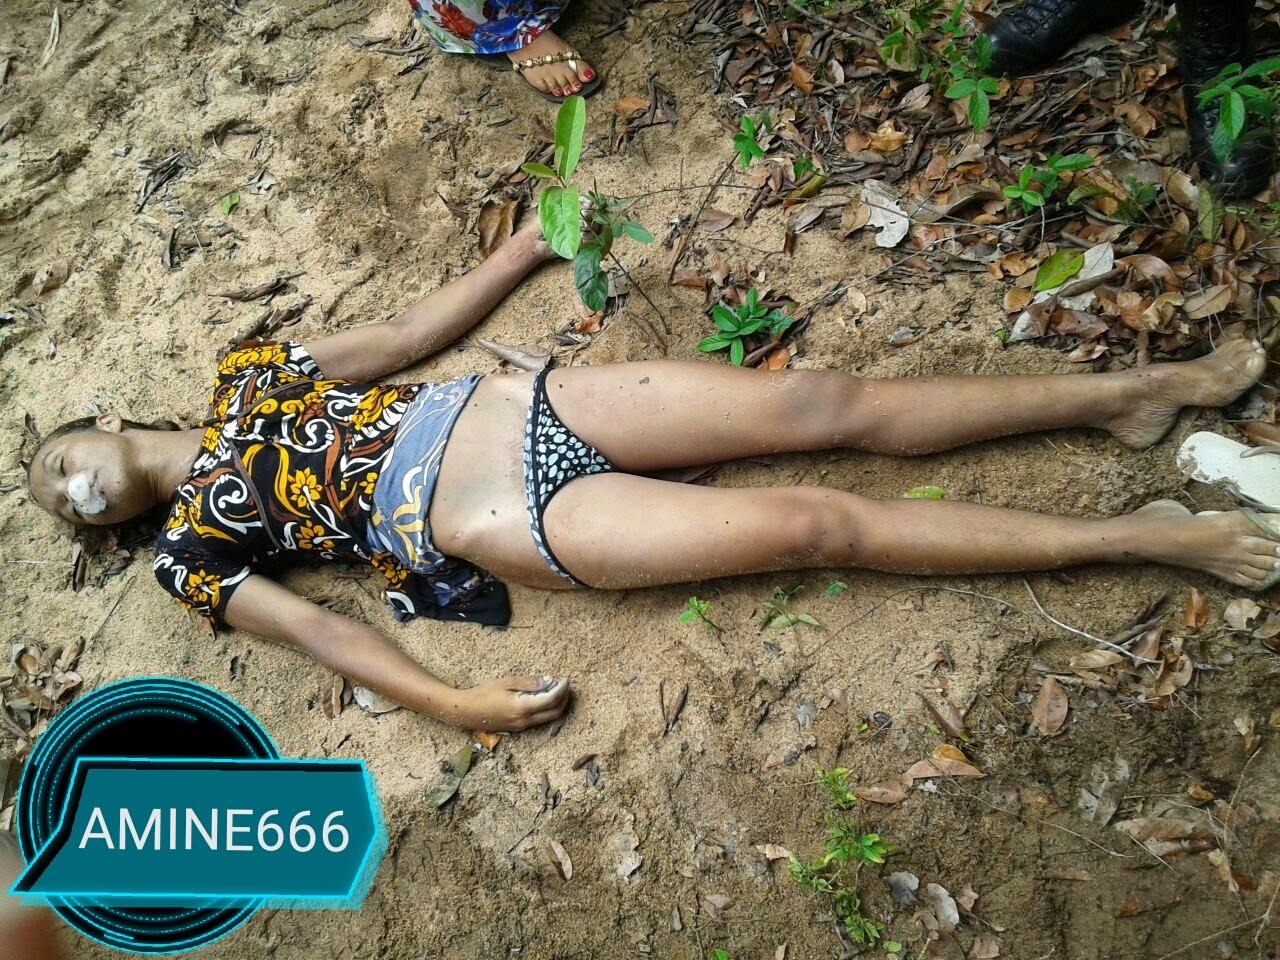 【遺体注意】レイプされ川に捨てられて溺死した女性、惨い・・・・・(画像)・1枚目